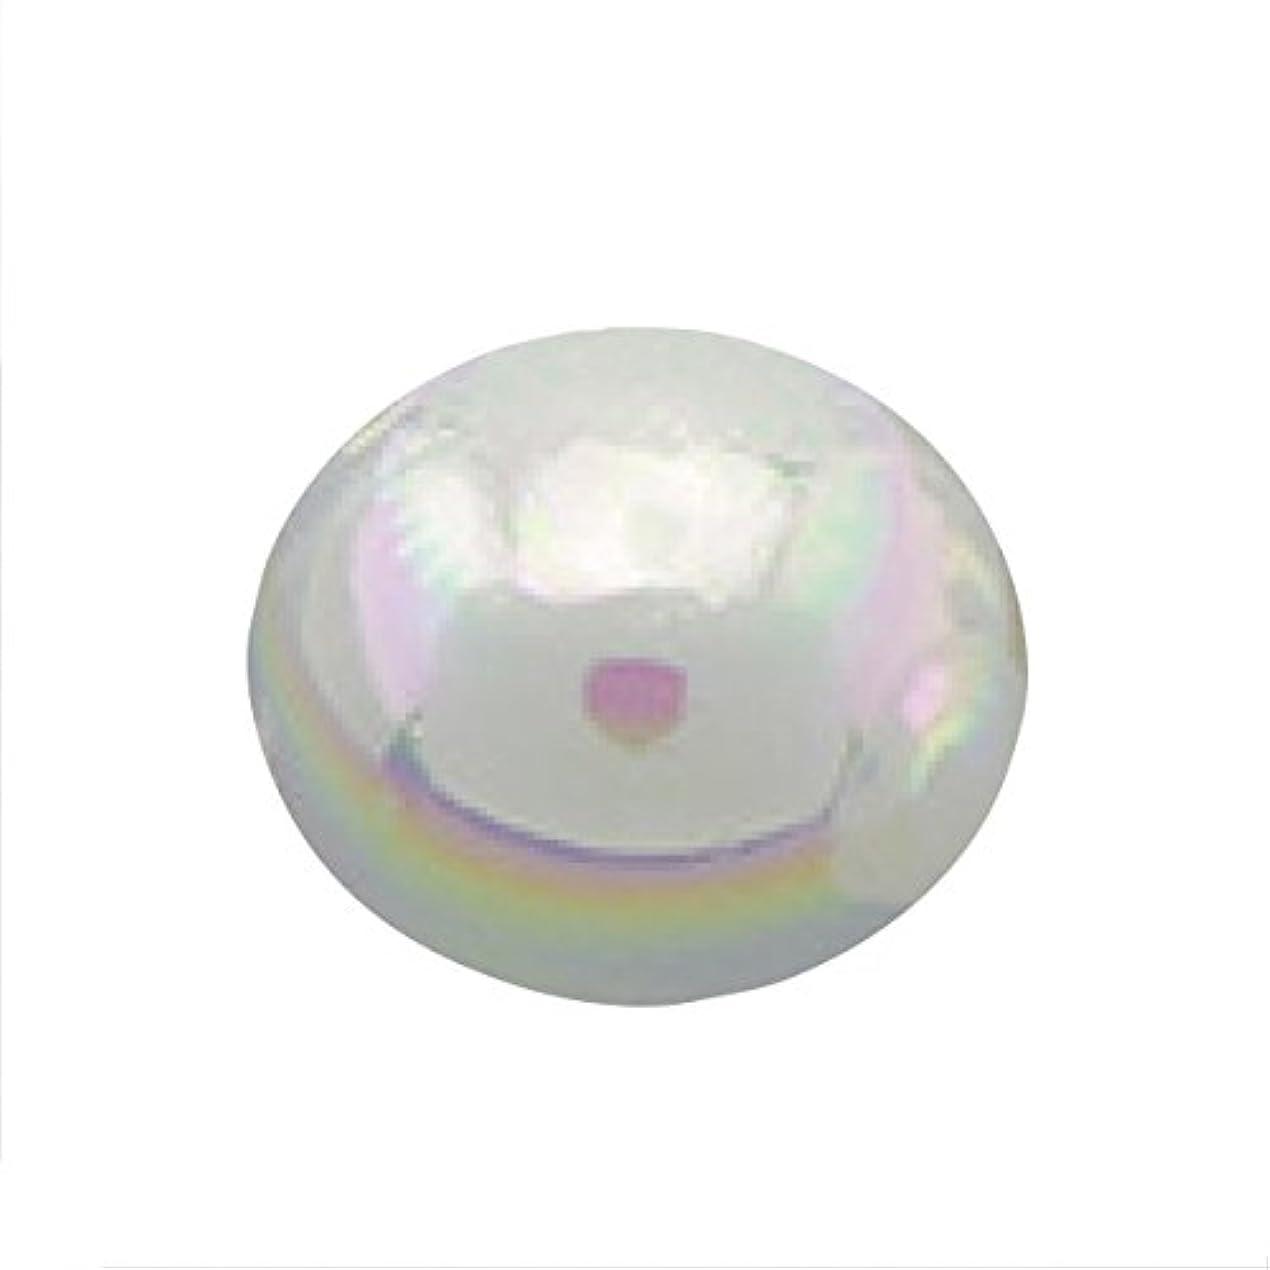 放つ言い換えると素子パールオーロラオフホワイト1.5mm(50個入り)